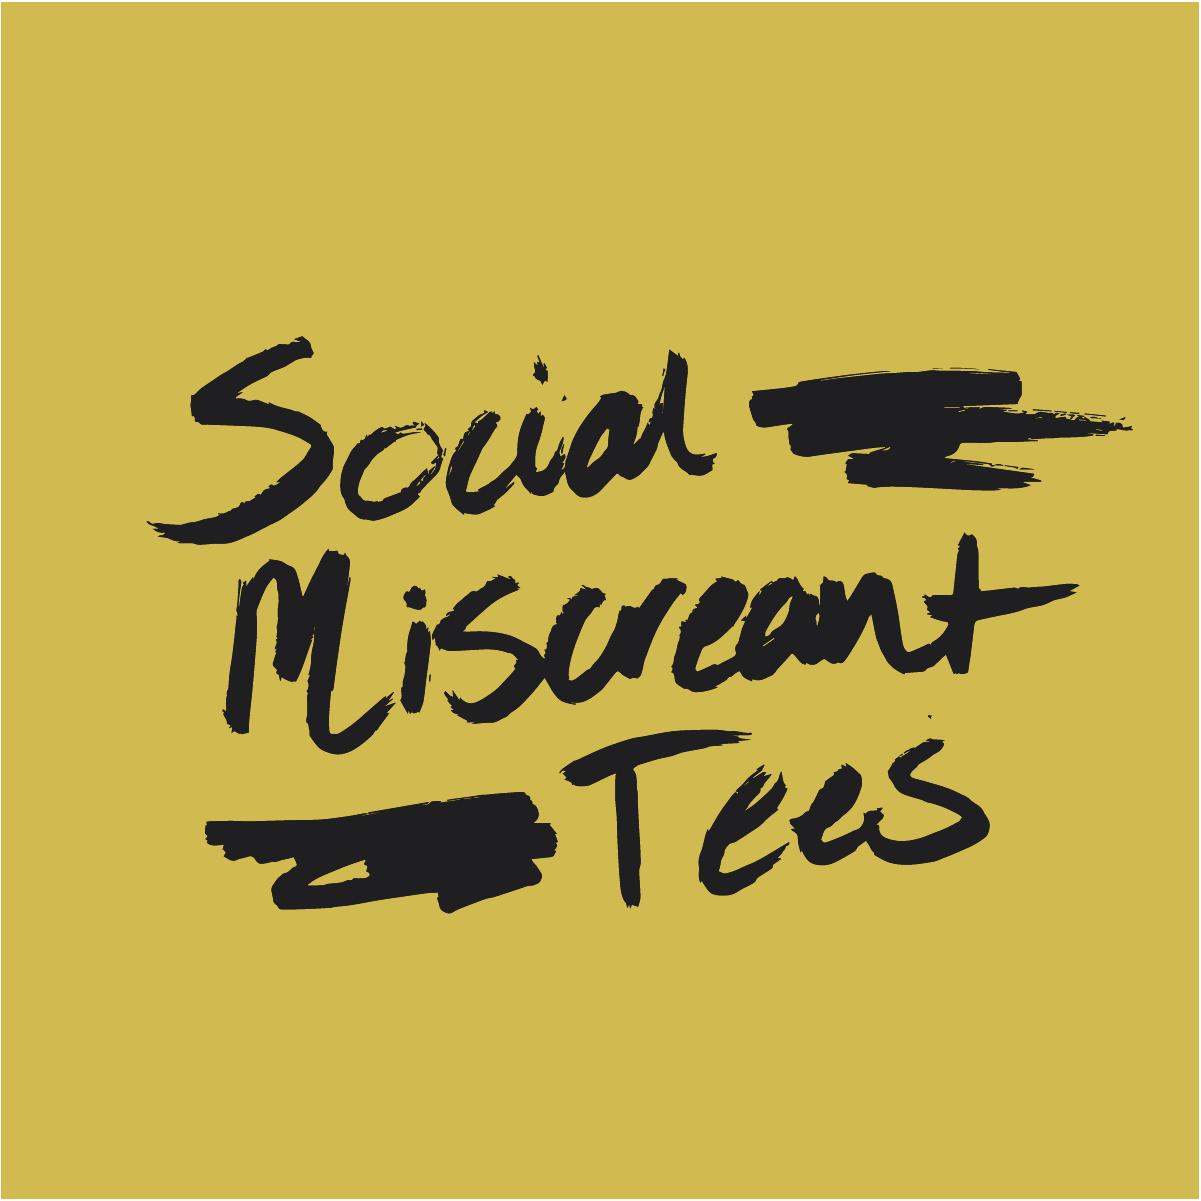 Social Miscreant Tees